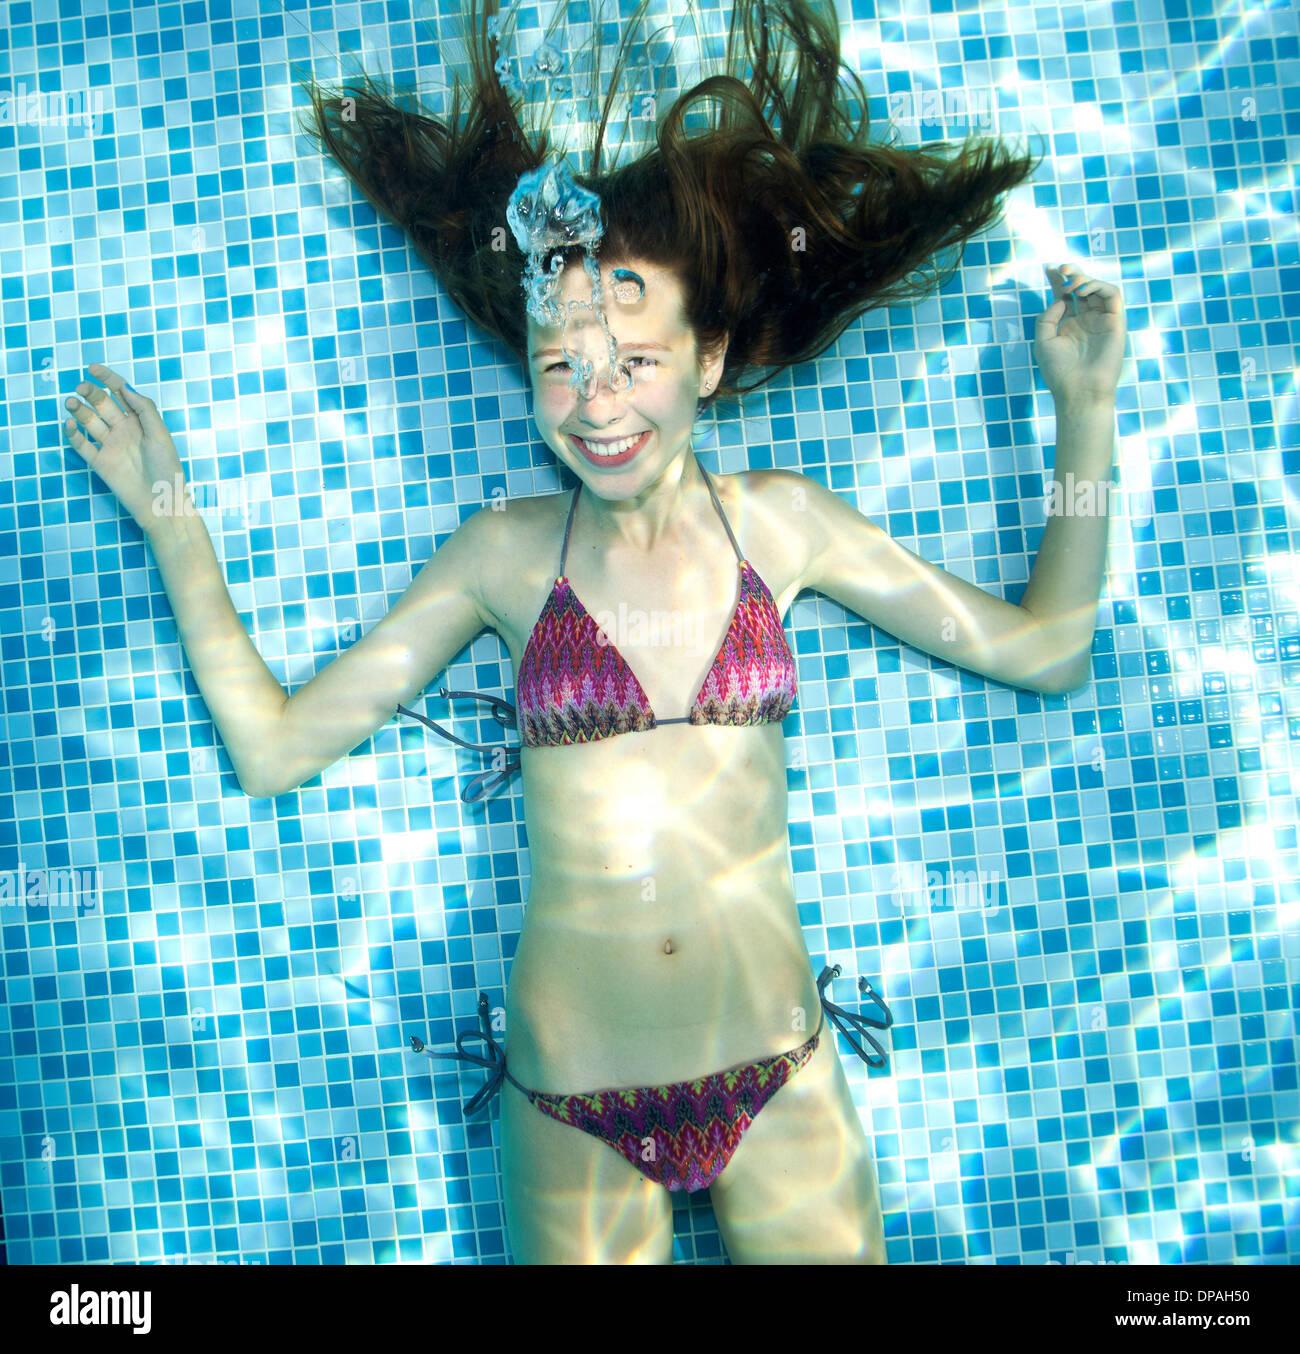 Chica bajo el agua en la piscina Foto de stock